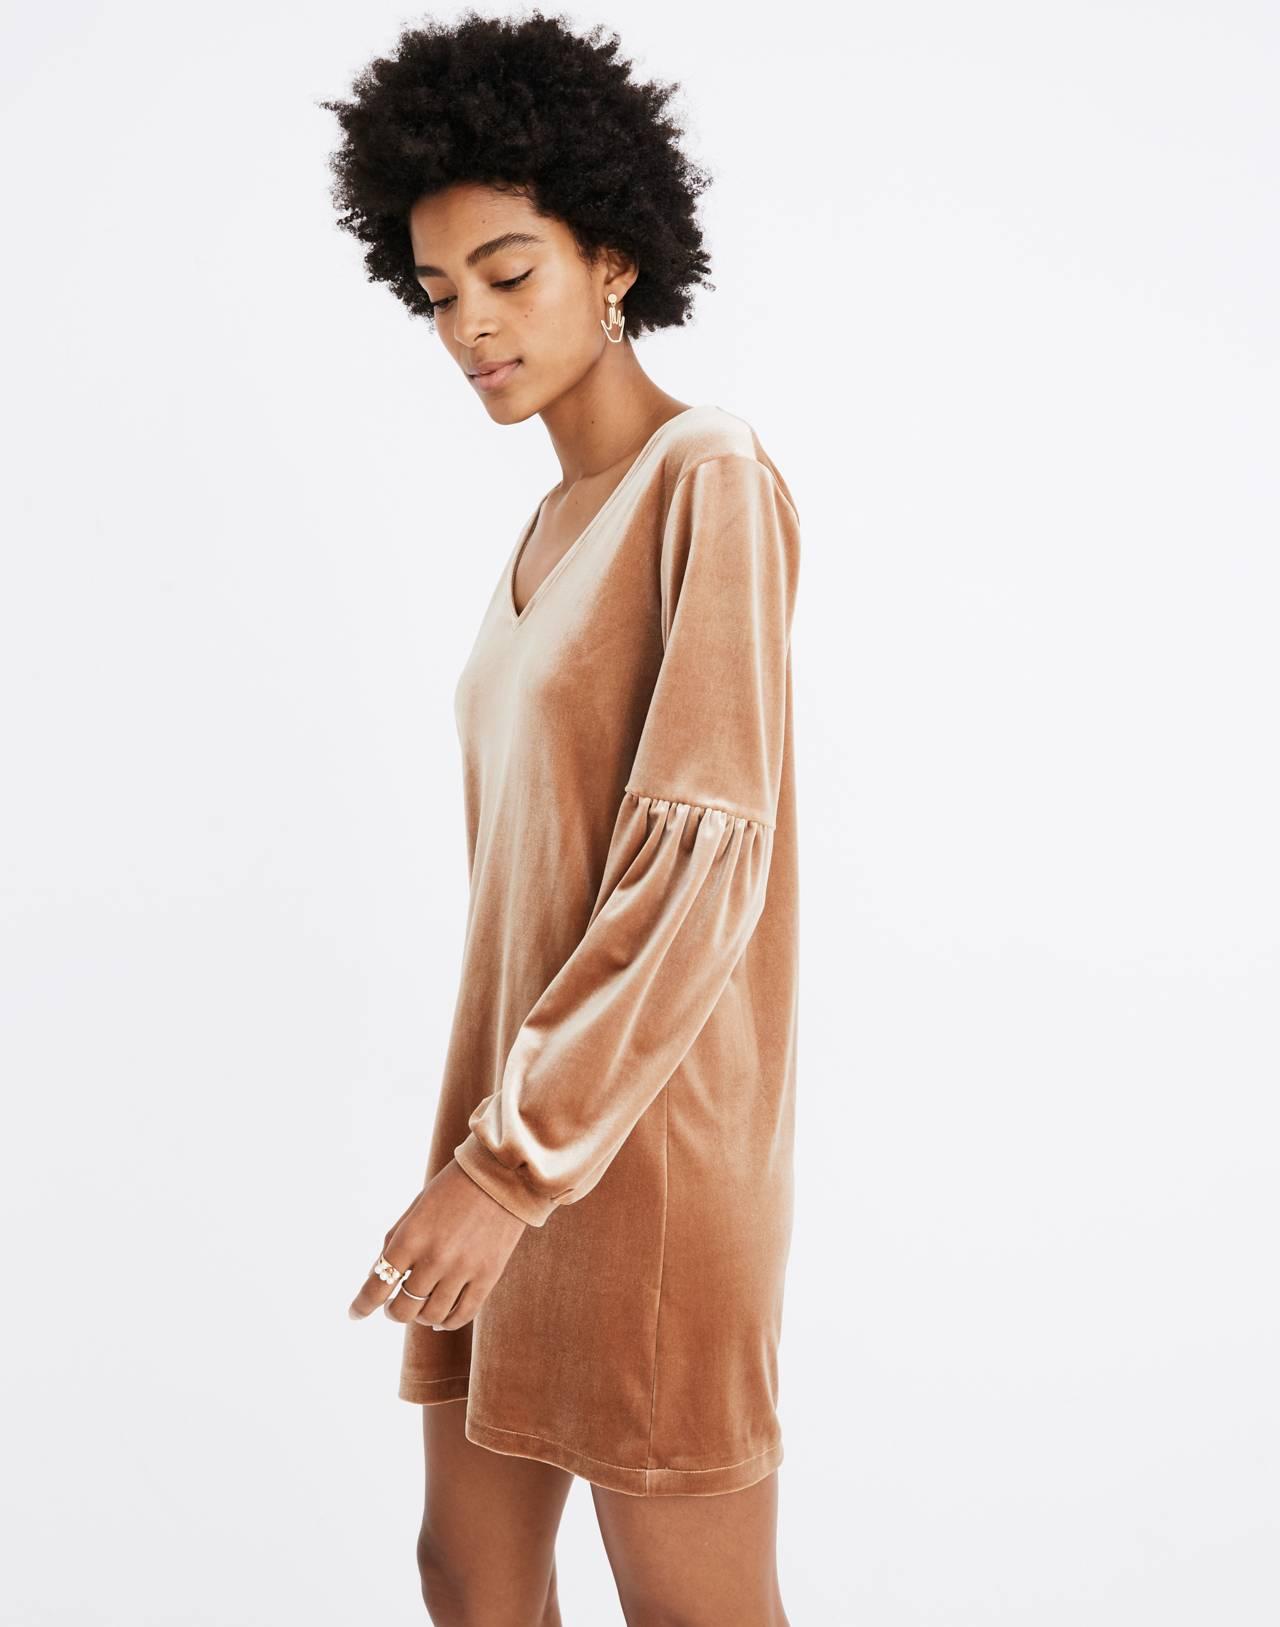 Velvet Balloon-Sleeve Dress in burnt sienna image 2